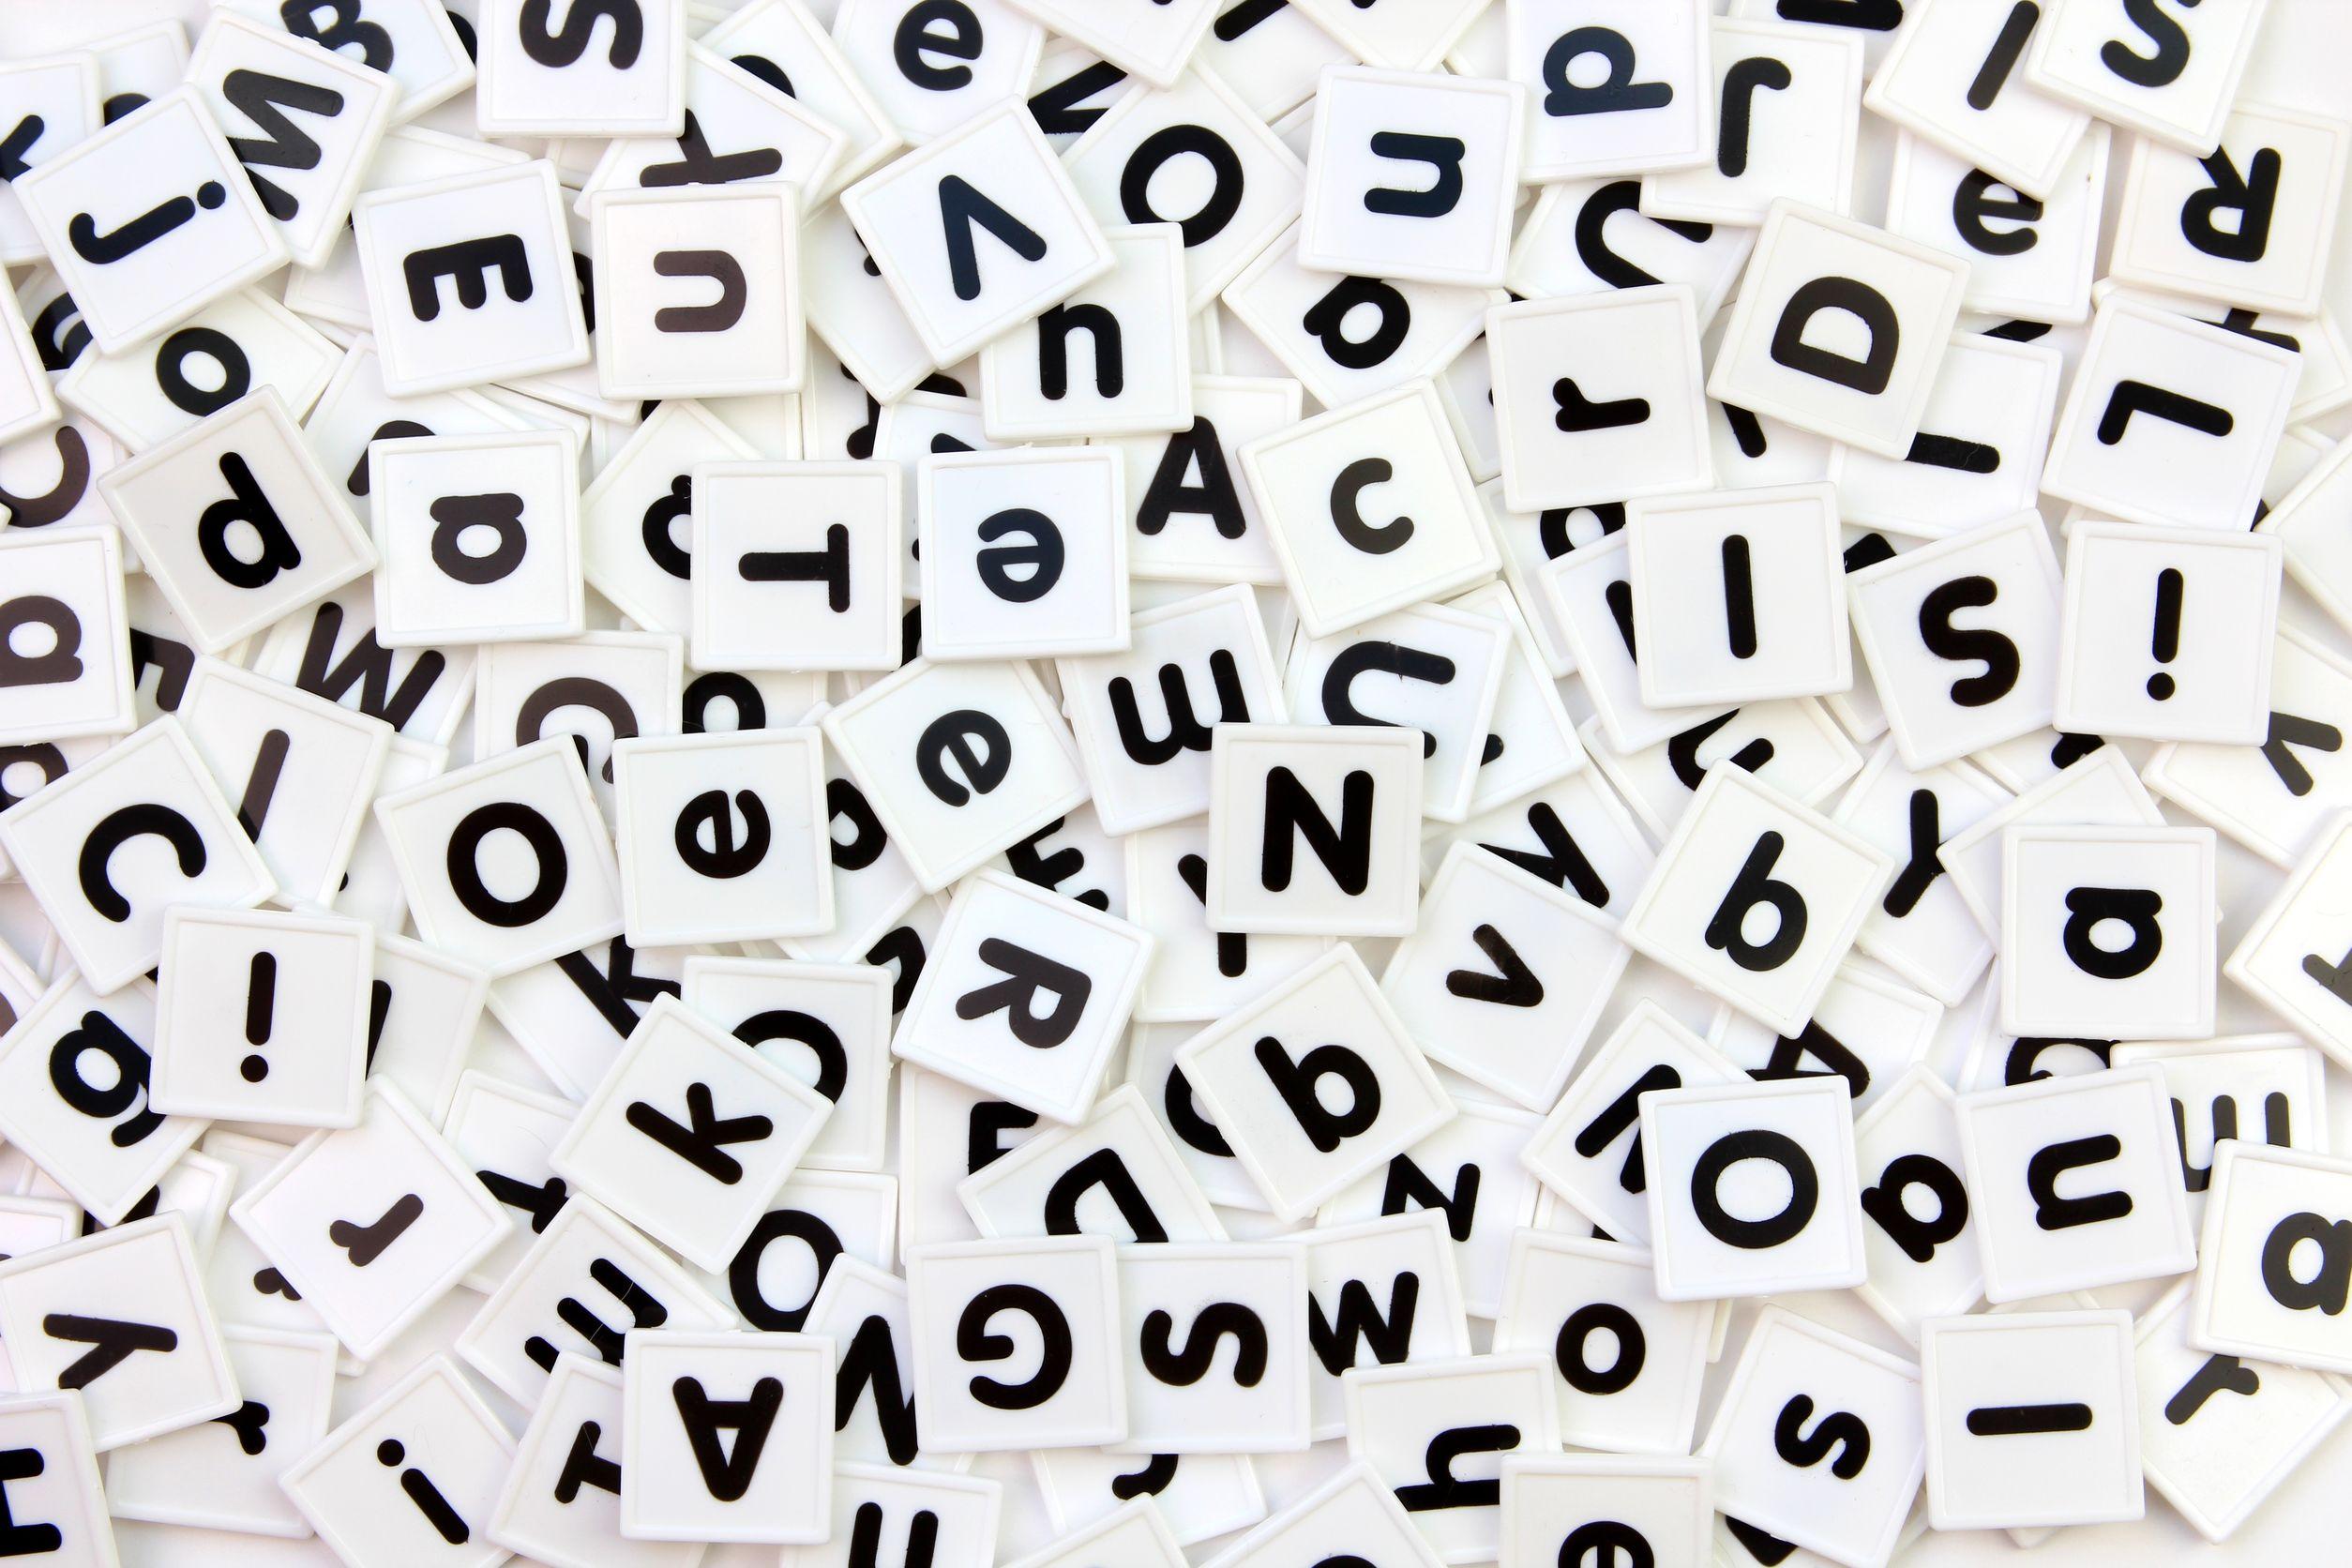 Lo que esconde nuestro abecedario